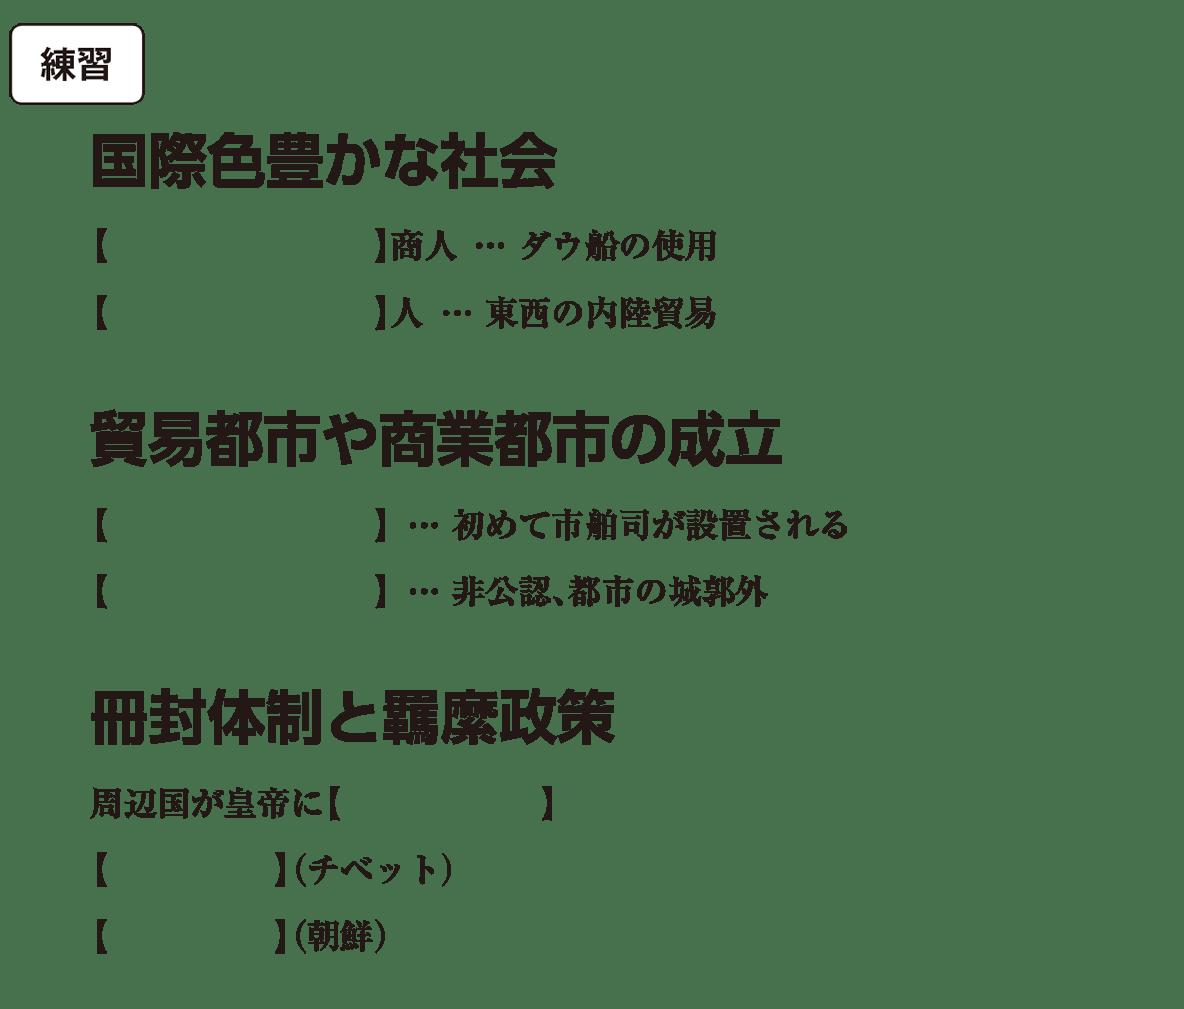 高校世界史 東アジア文明圏の形成(隋・唐)4 練習 括弧空欄